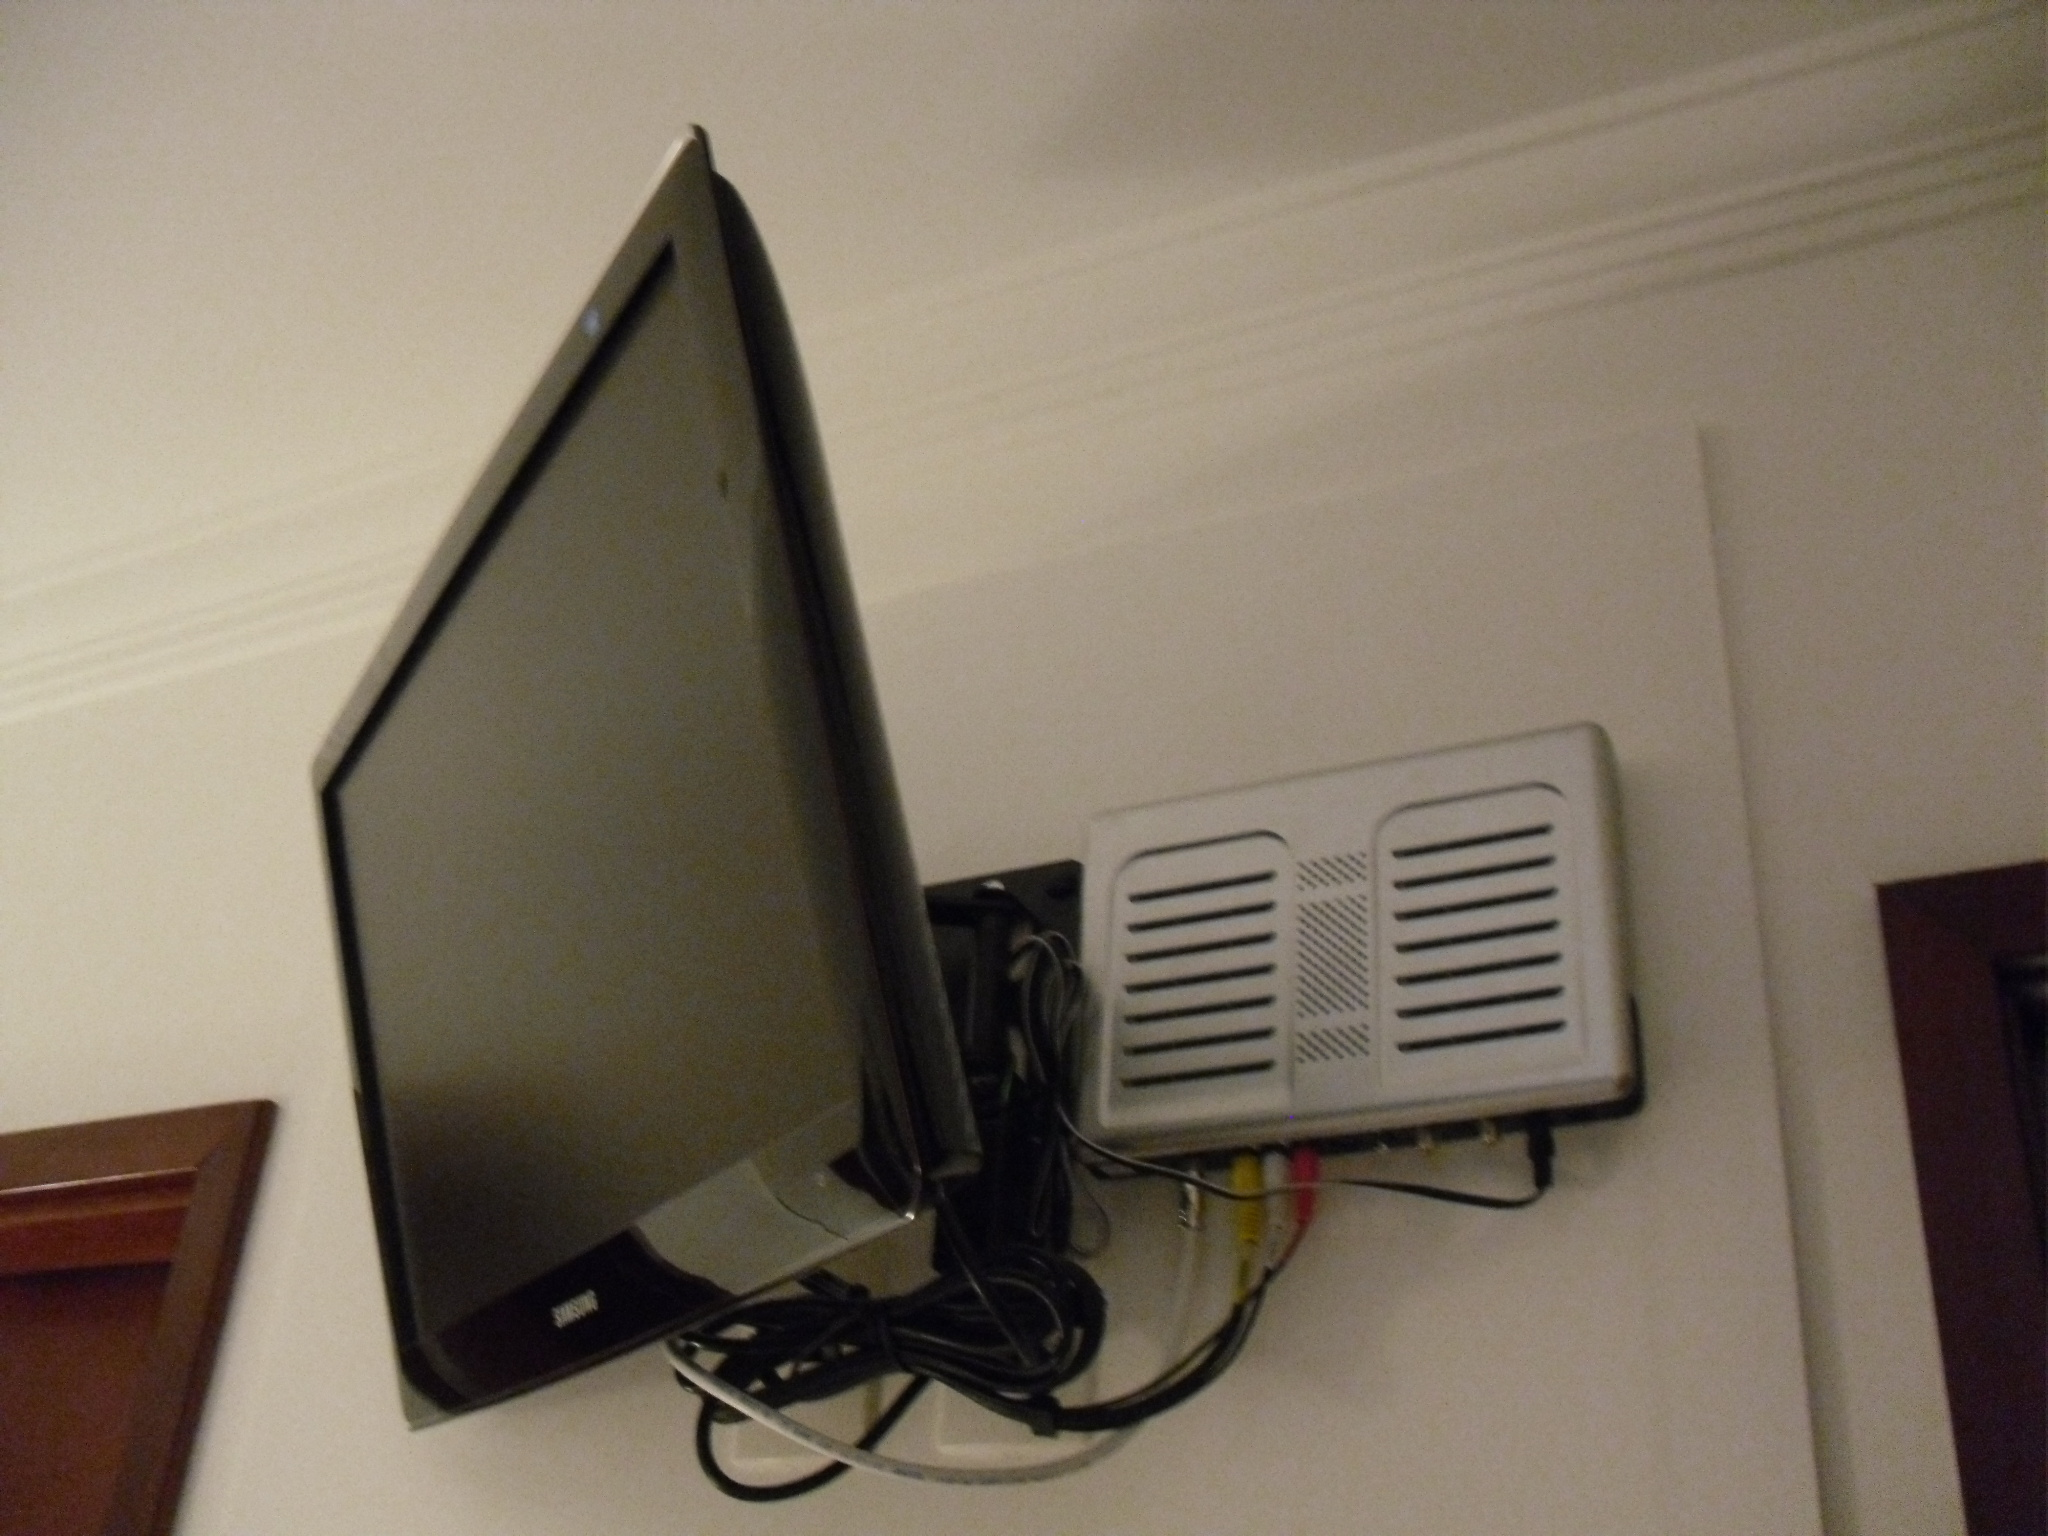 Suporte Articulável para TV Suspensa Meu Apartamento Minha Casa #7C704F 2048x1536